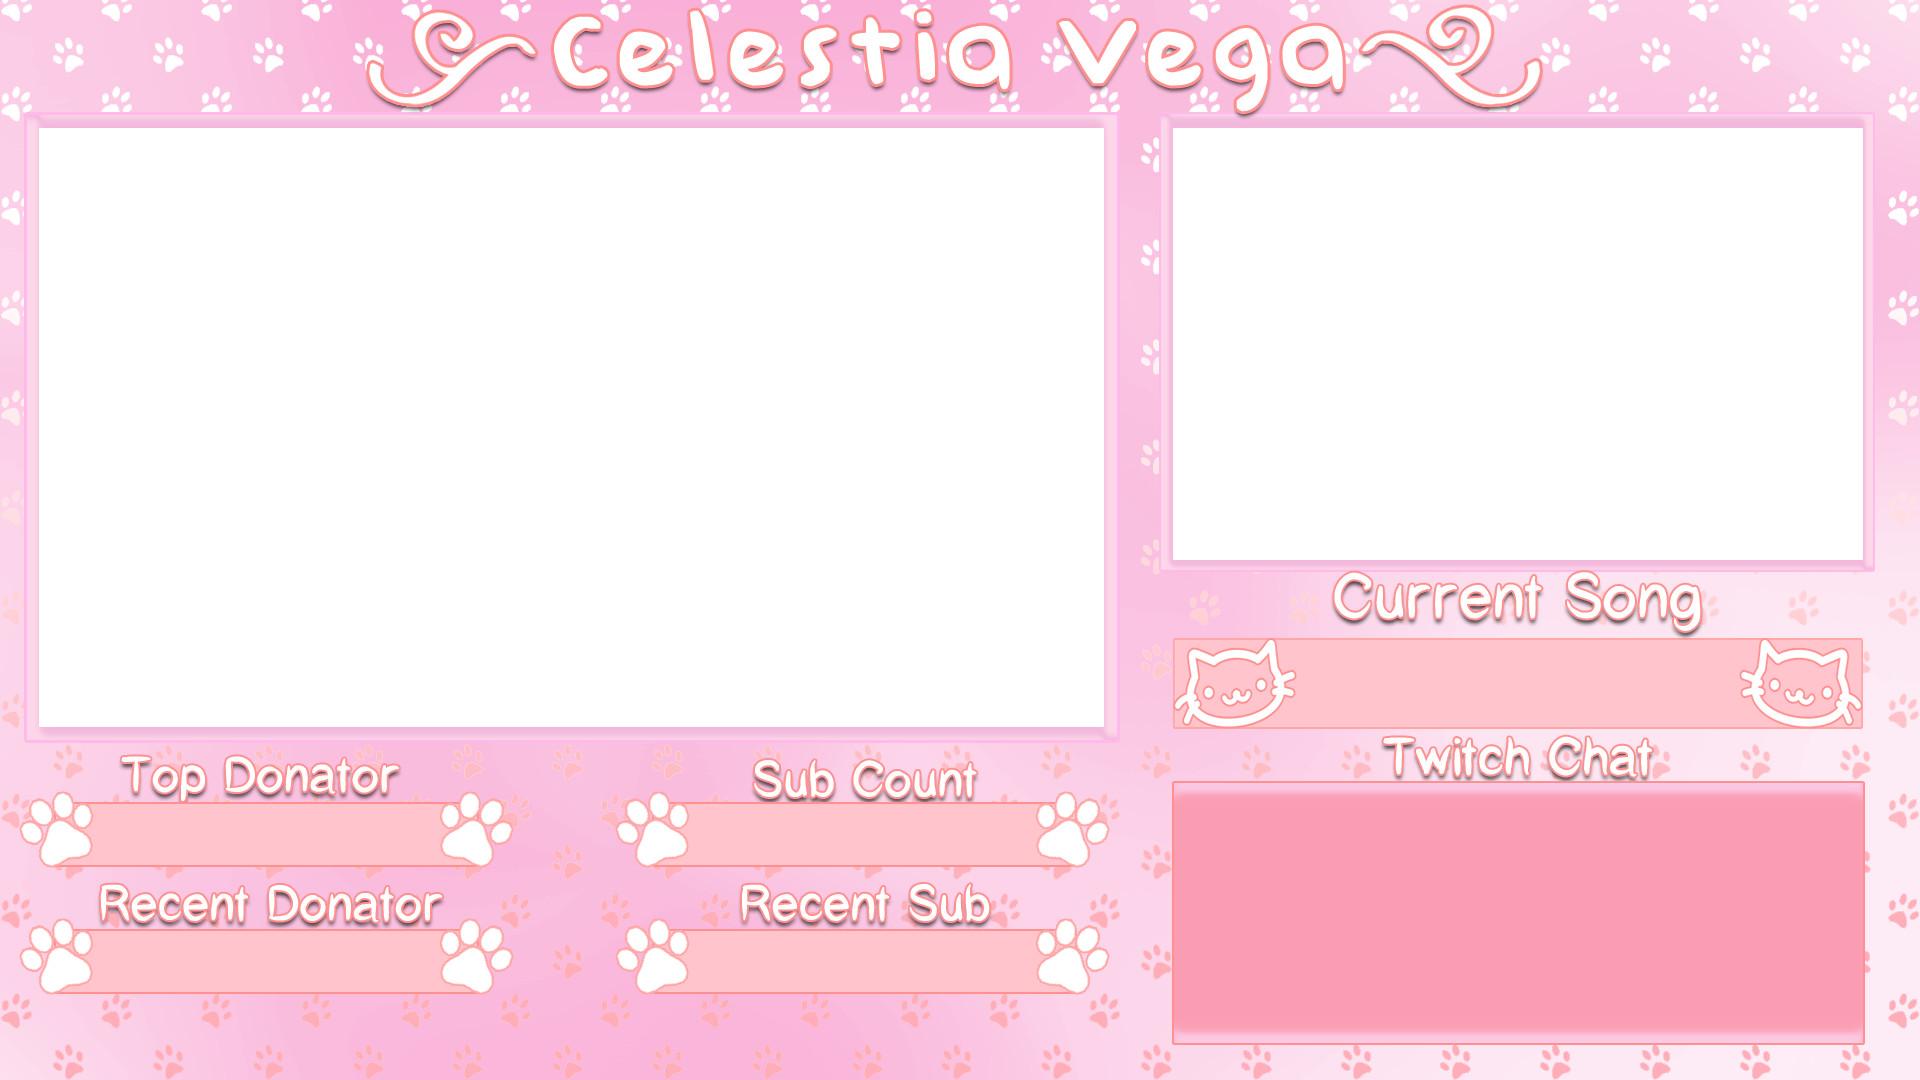 Harry Biffy - Celestia Vega stream pack